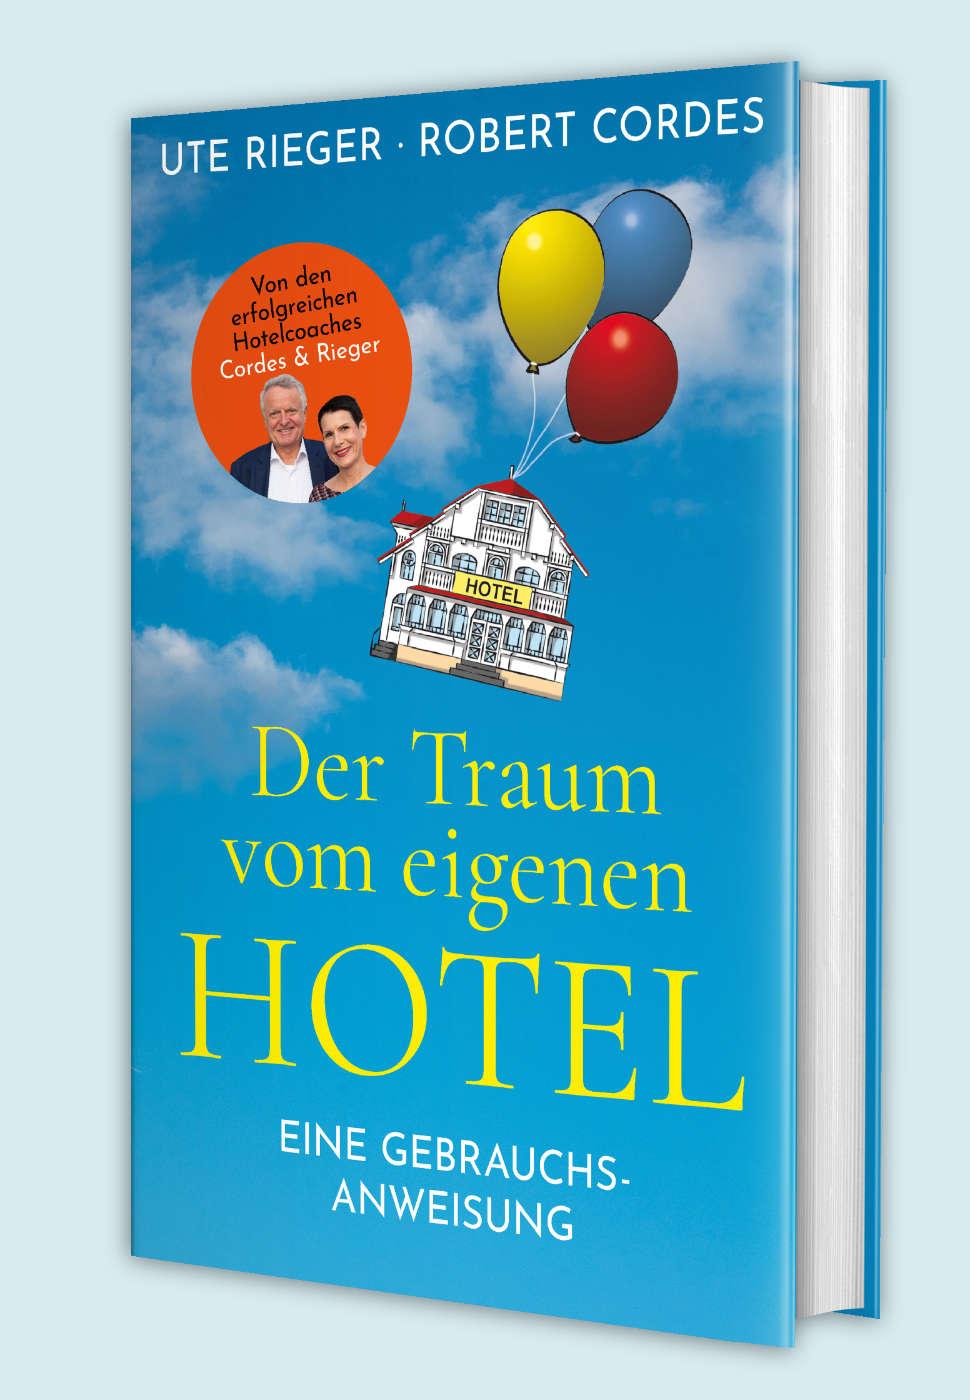 Der Traum vom eigenen Hotel - ein Buch von Ute Rieger und Robert Cordes